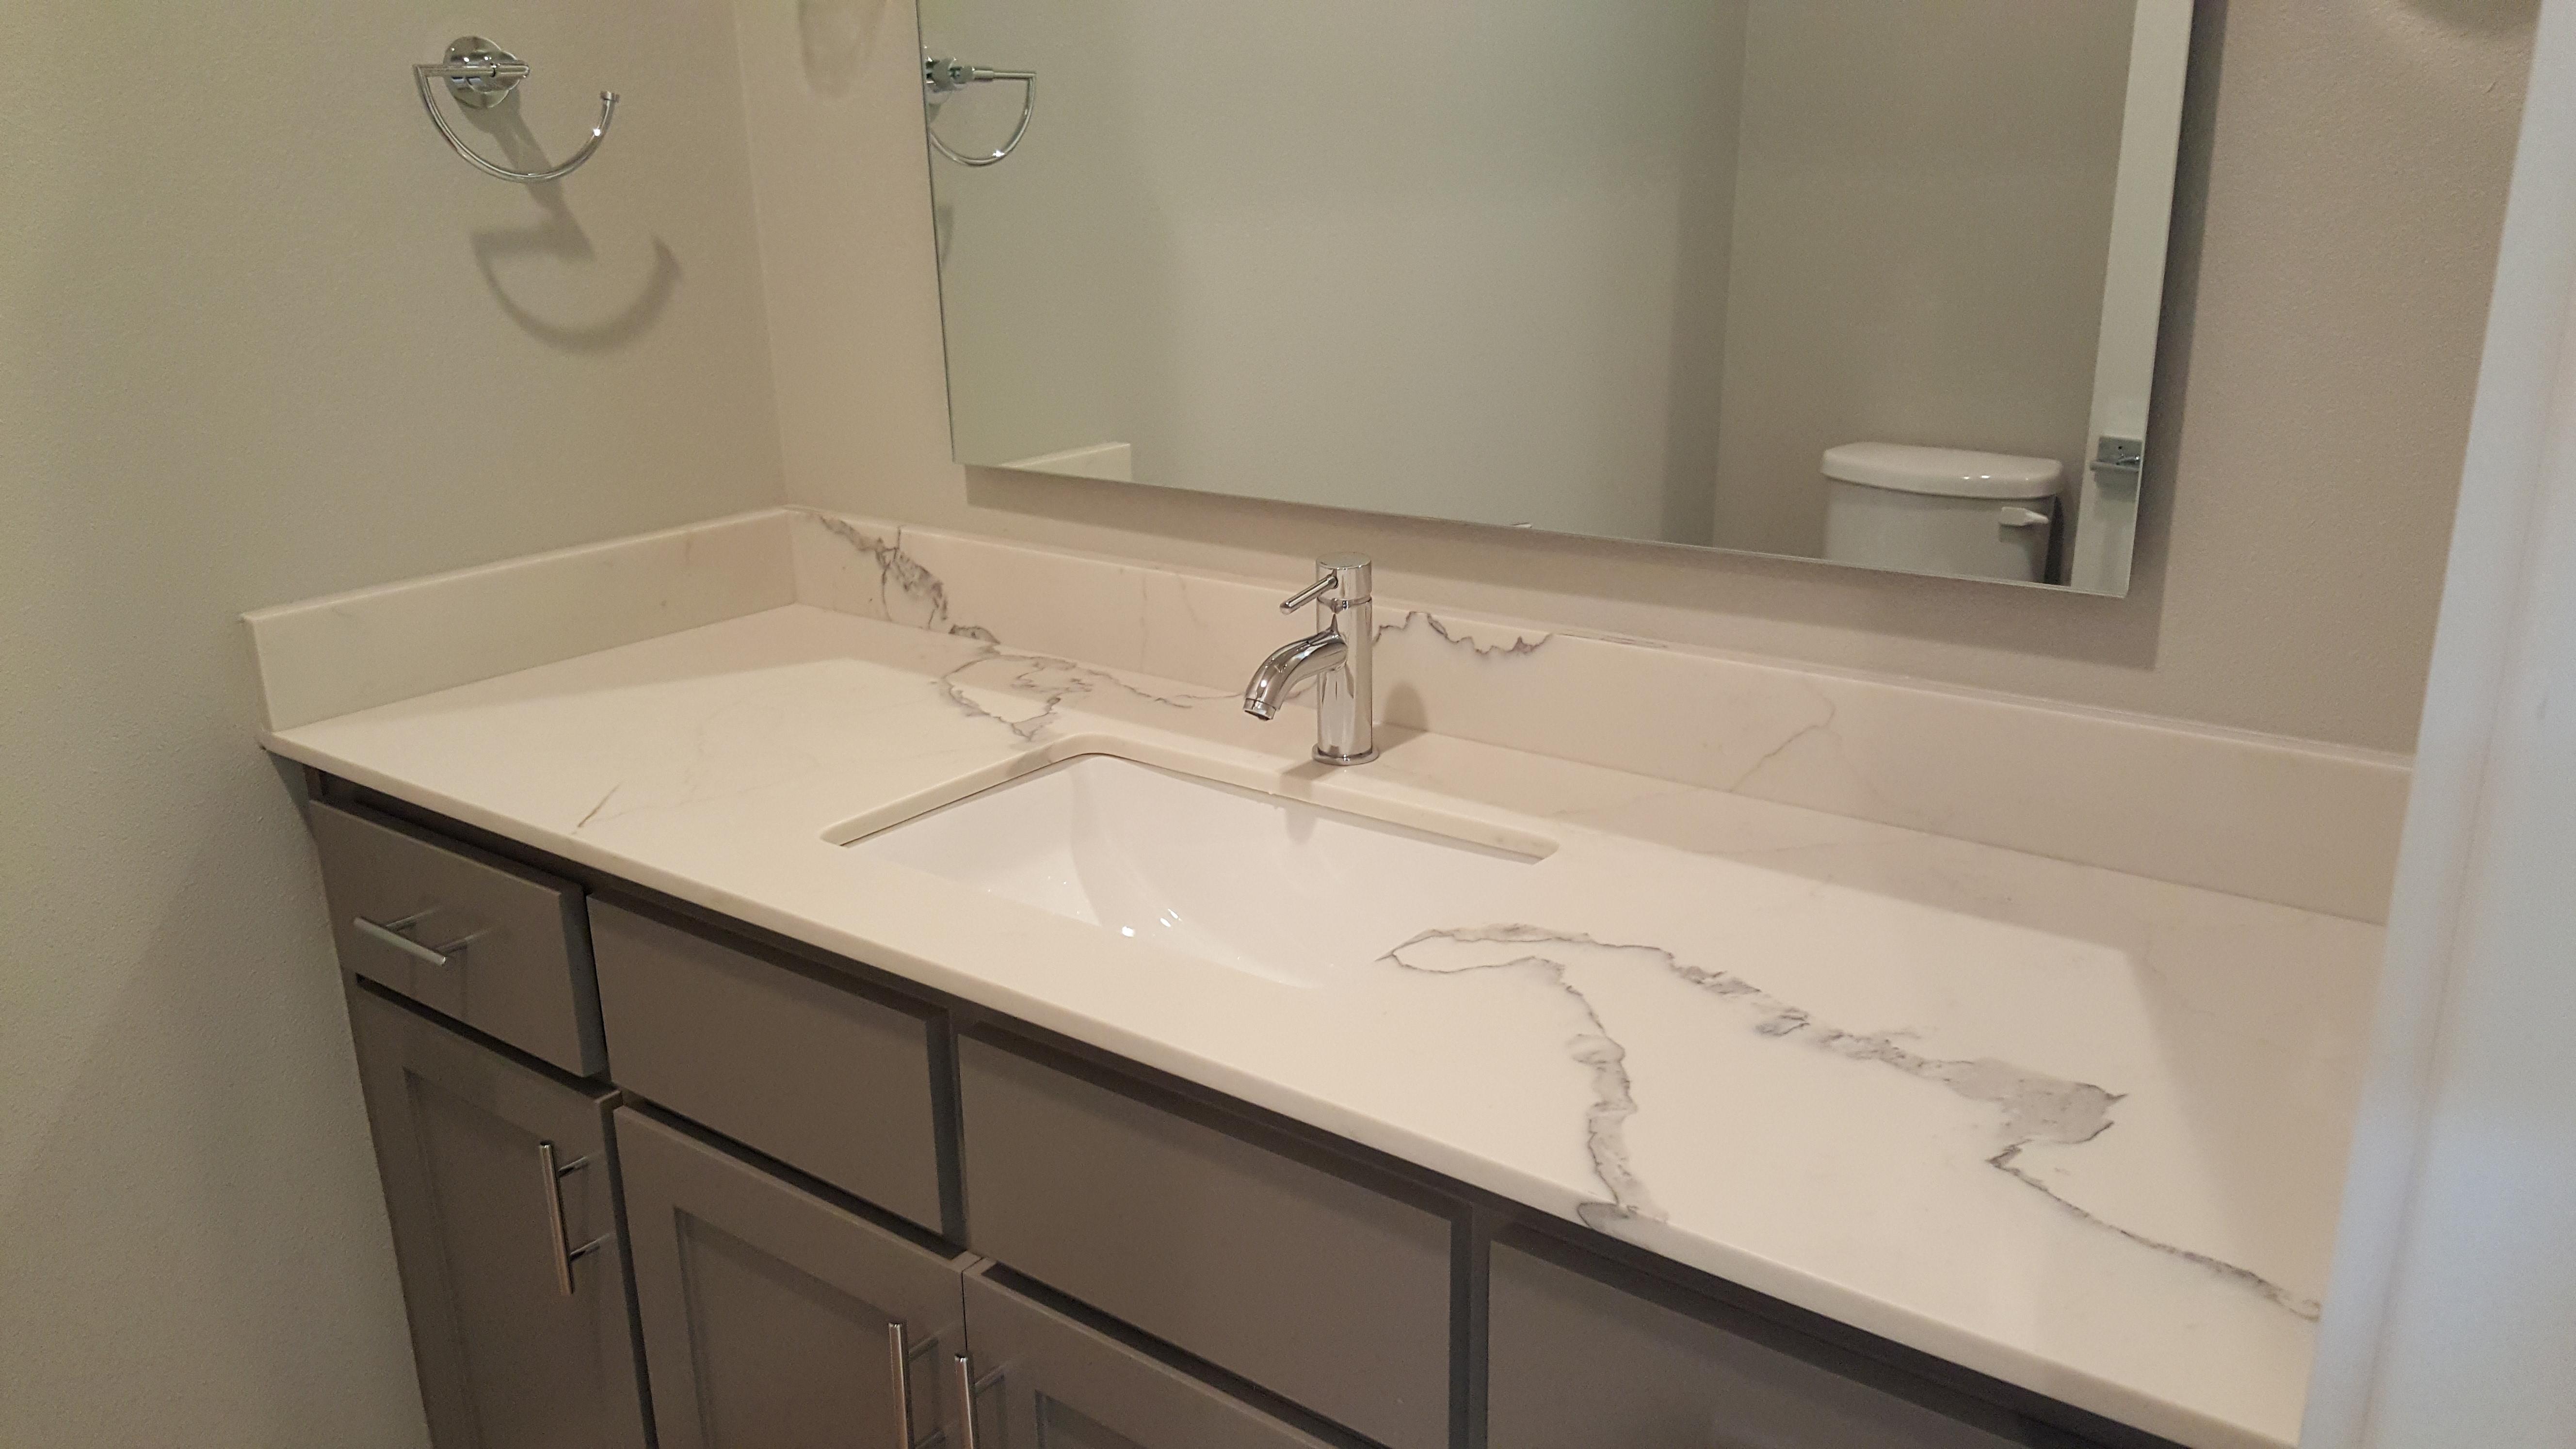 dfw countertops|dallas countertops|granite|marble|quartz|countertops|